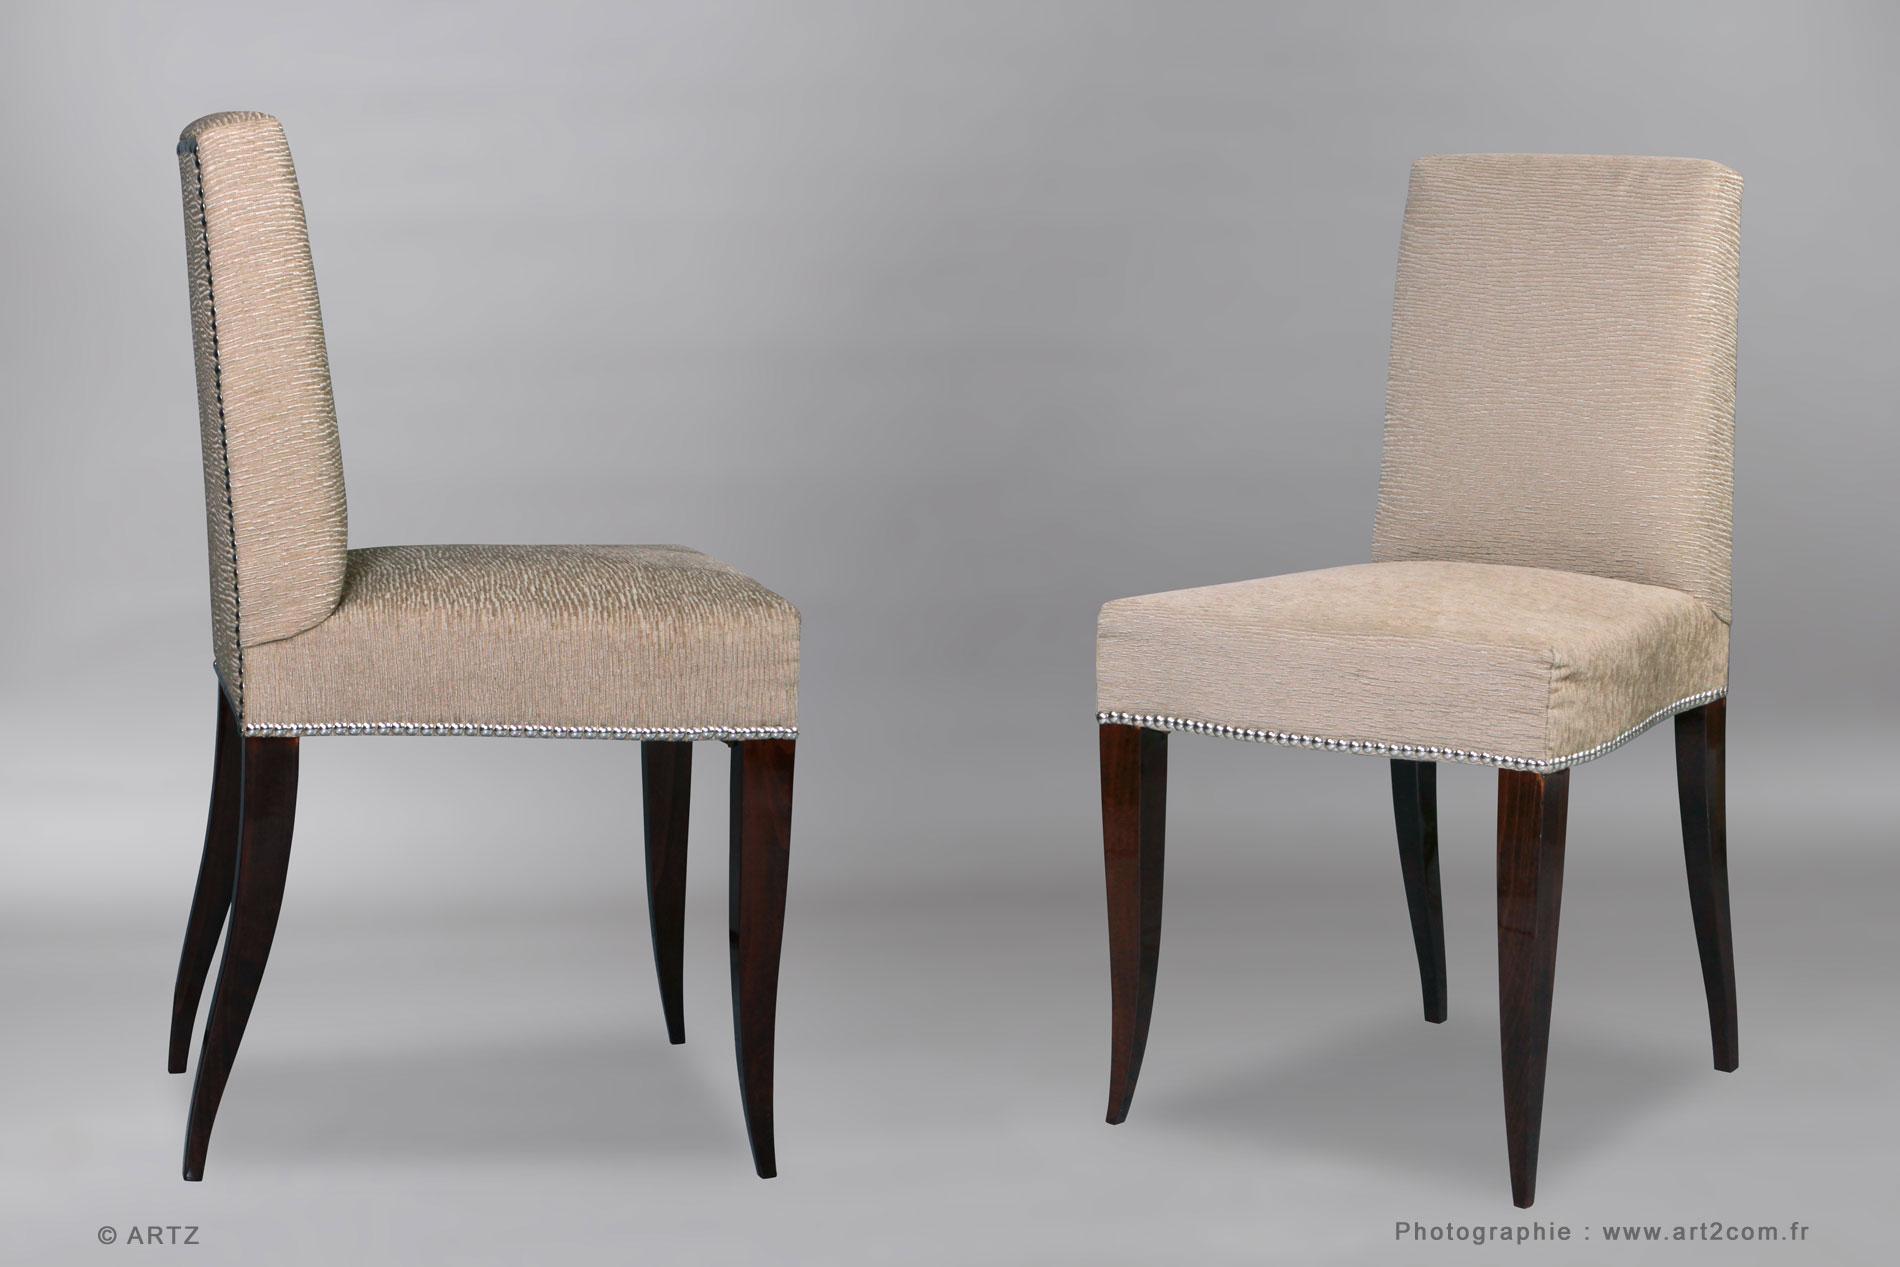 Artz sp cialiste art d co lustres vases coupes meubles for Chaise deco